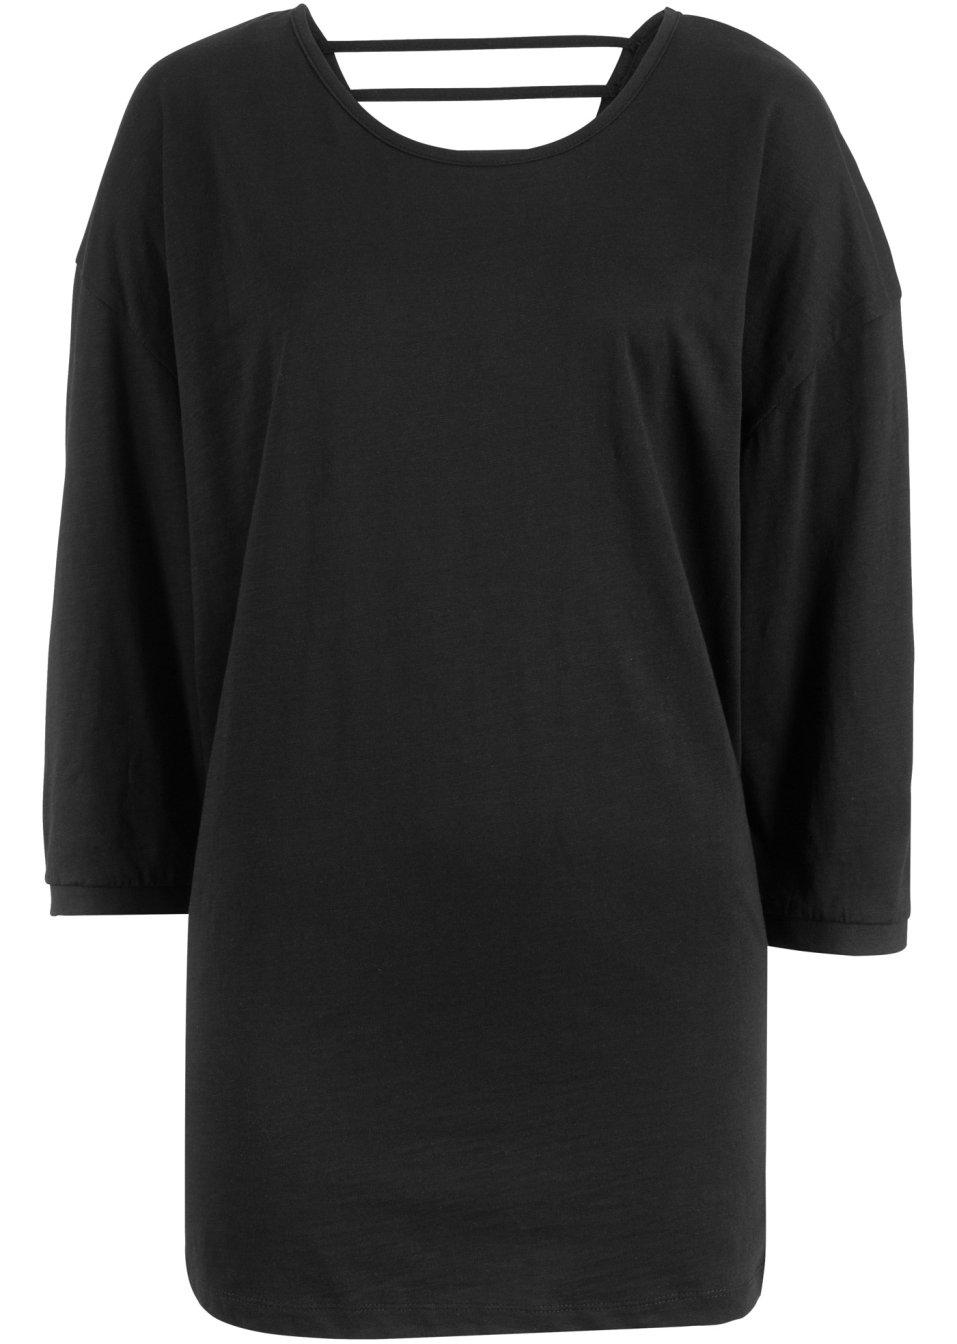 Baumwoll-Shirt mit dekorativem Rücken 3/4-Arm mit überschnittenen Schultern - schwarz GoWjw FyMy3